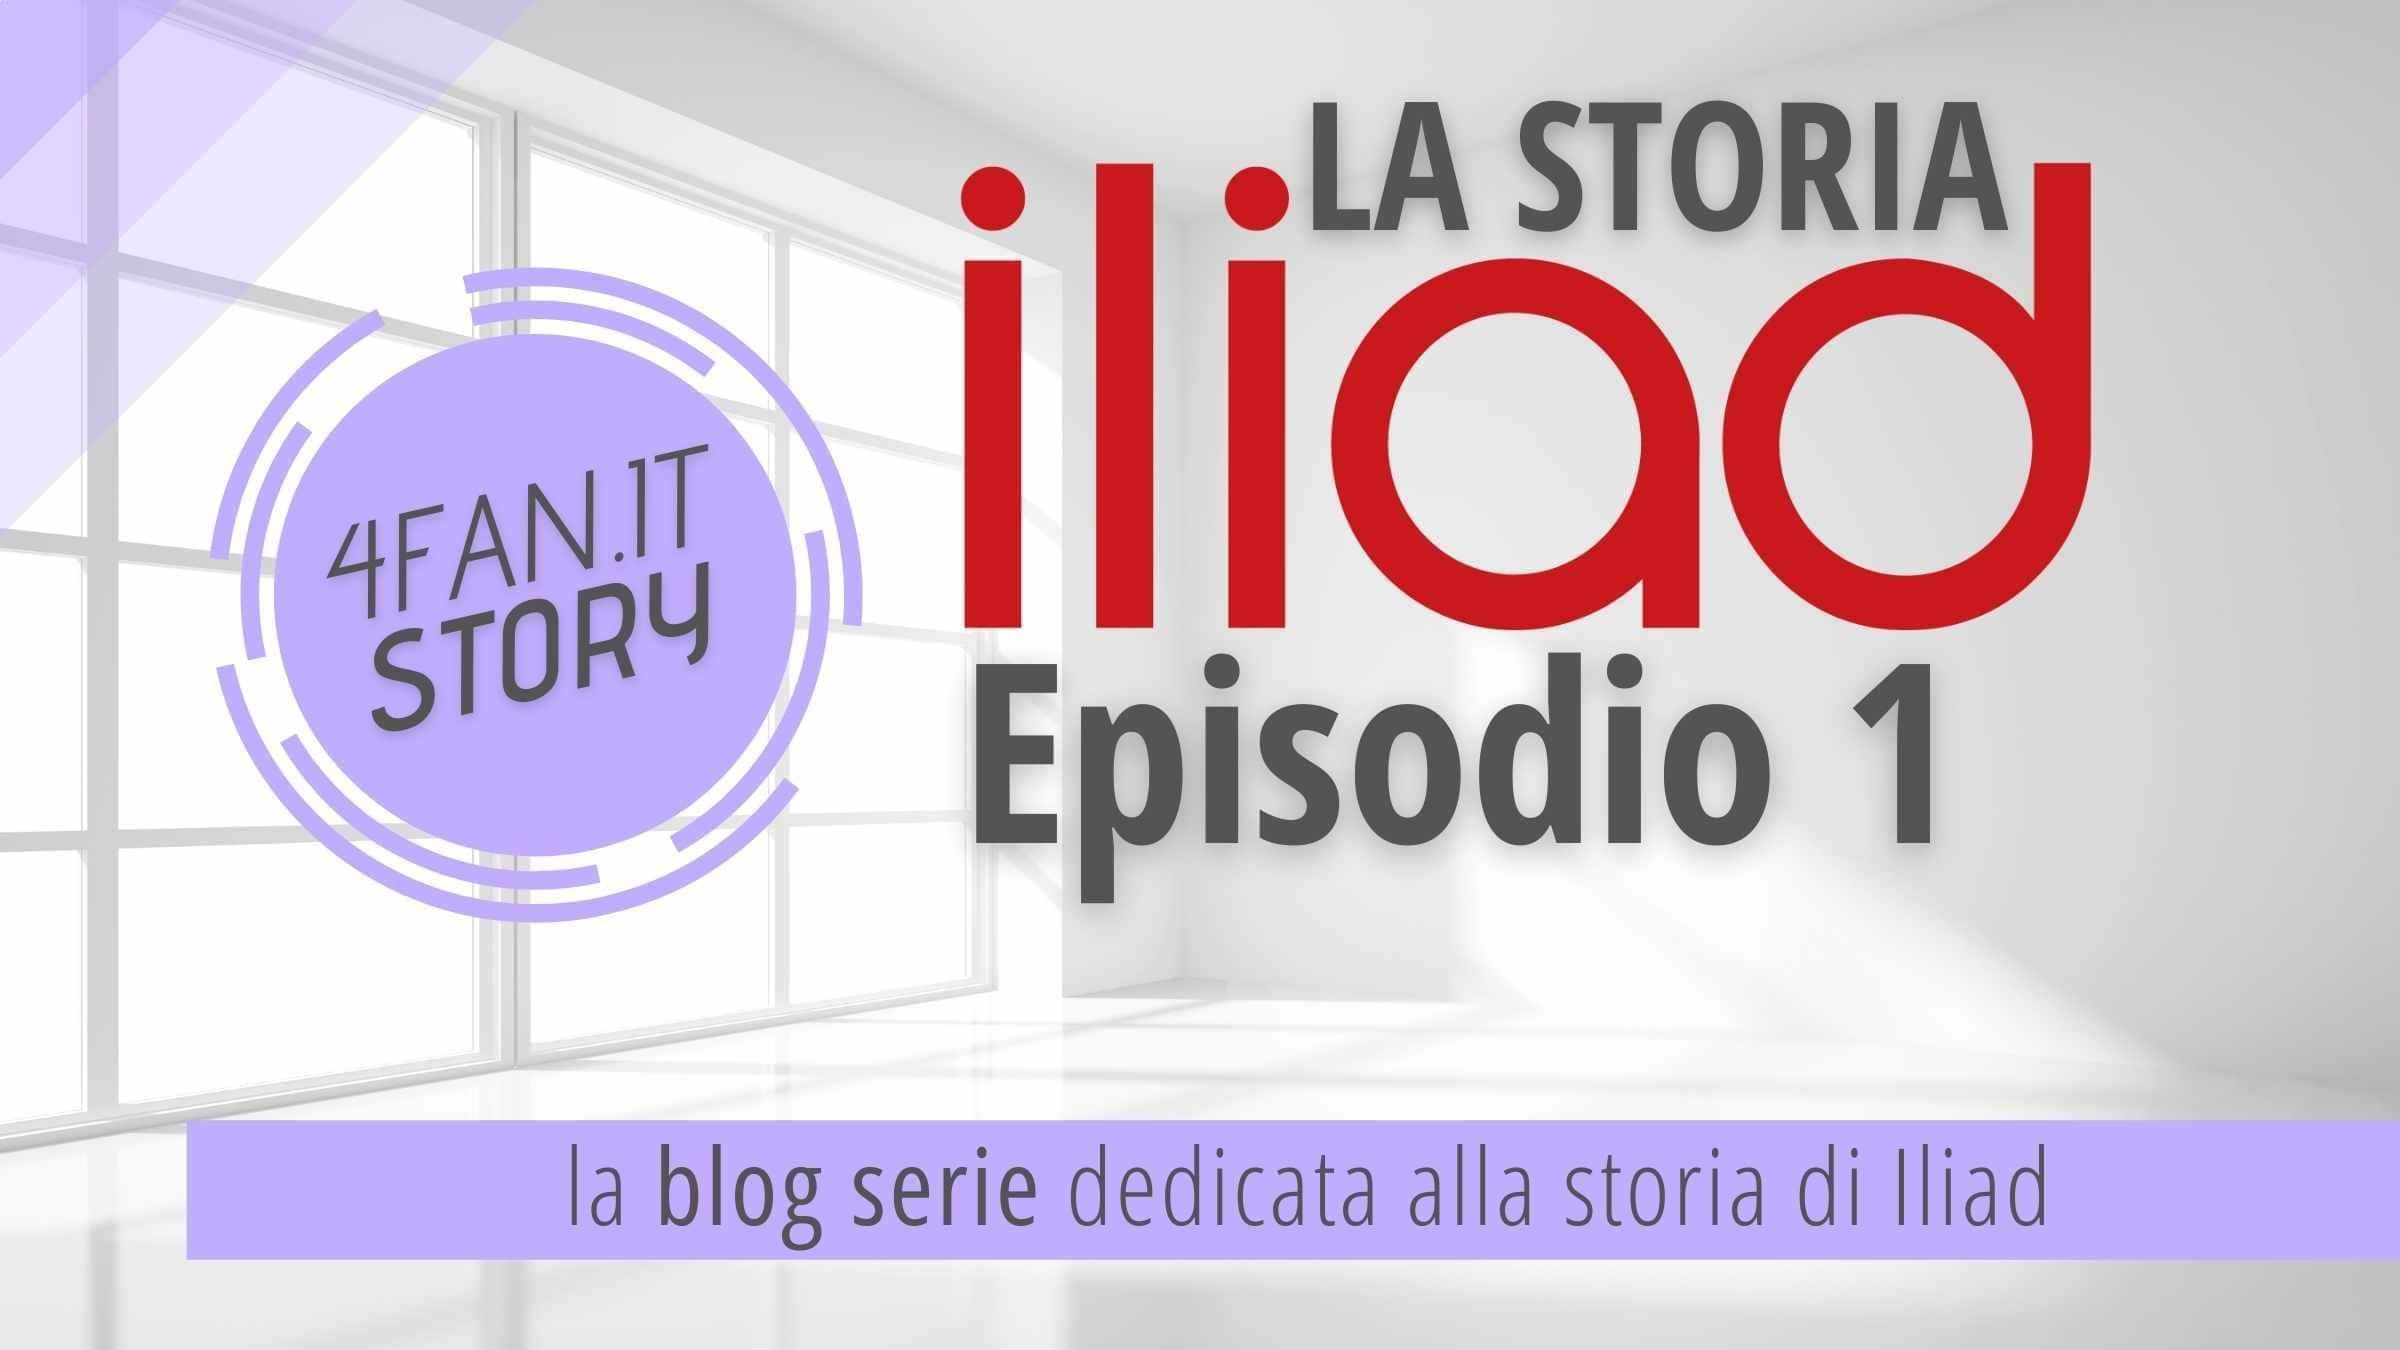 Iliad la storia. Episodio 1